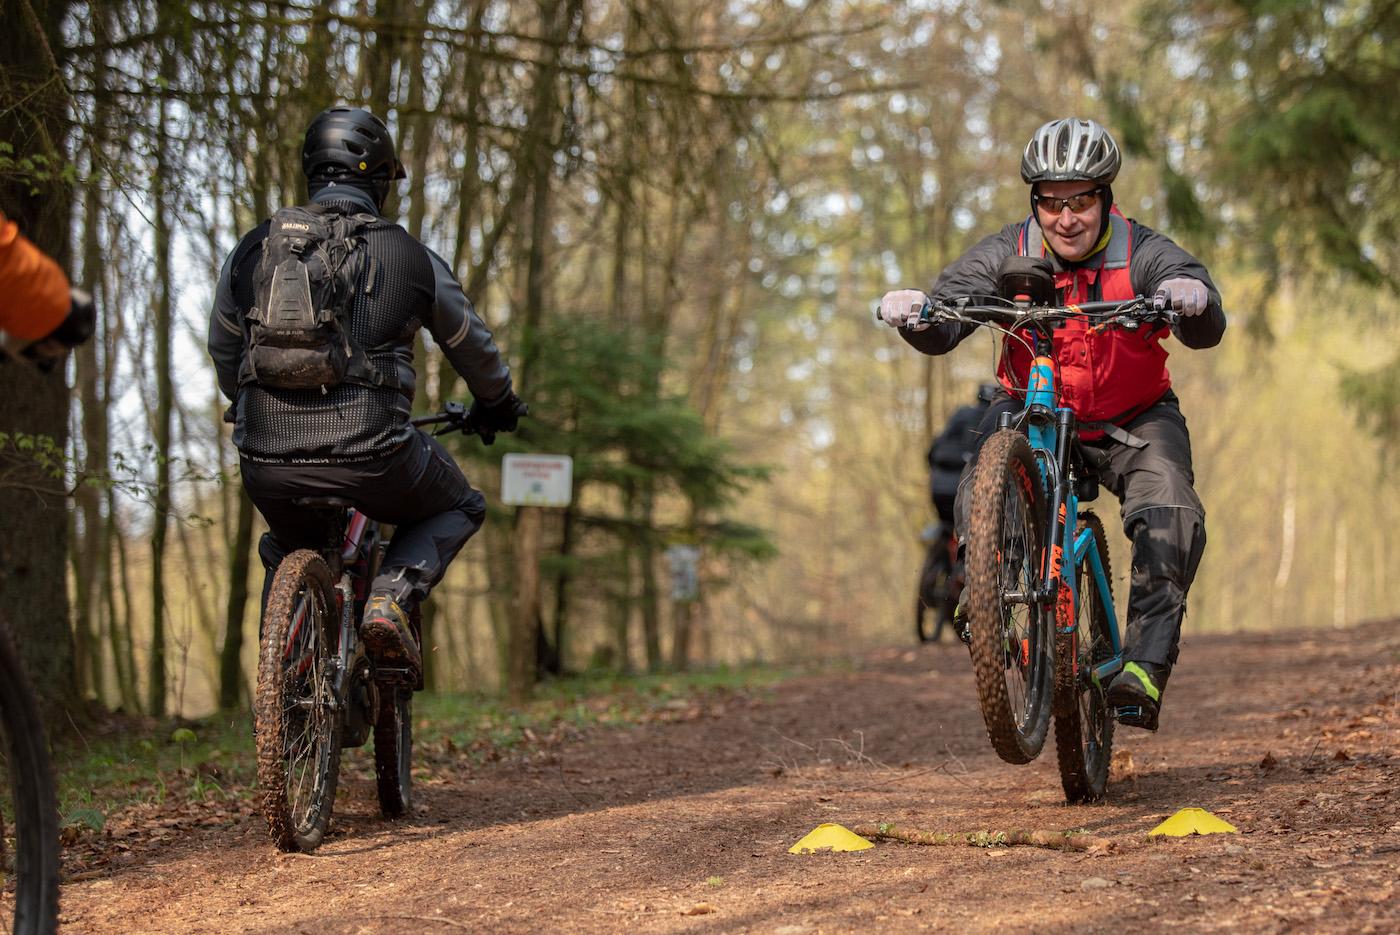 eMTB Fortgeschritten Fahrtechnik Kurs in Bad Orb Spessart - Rock my Trail Bikeschule - 3